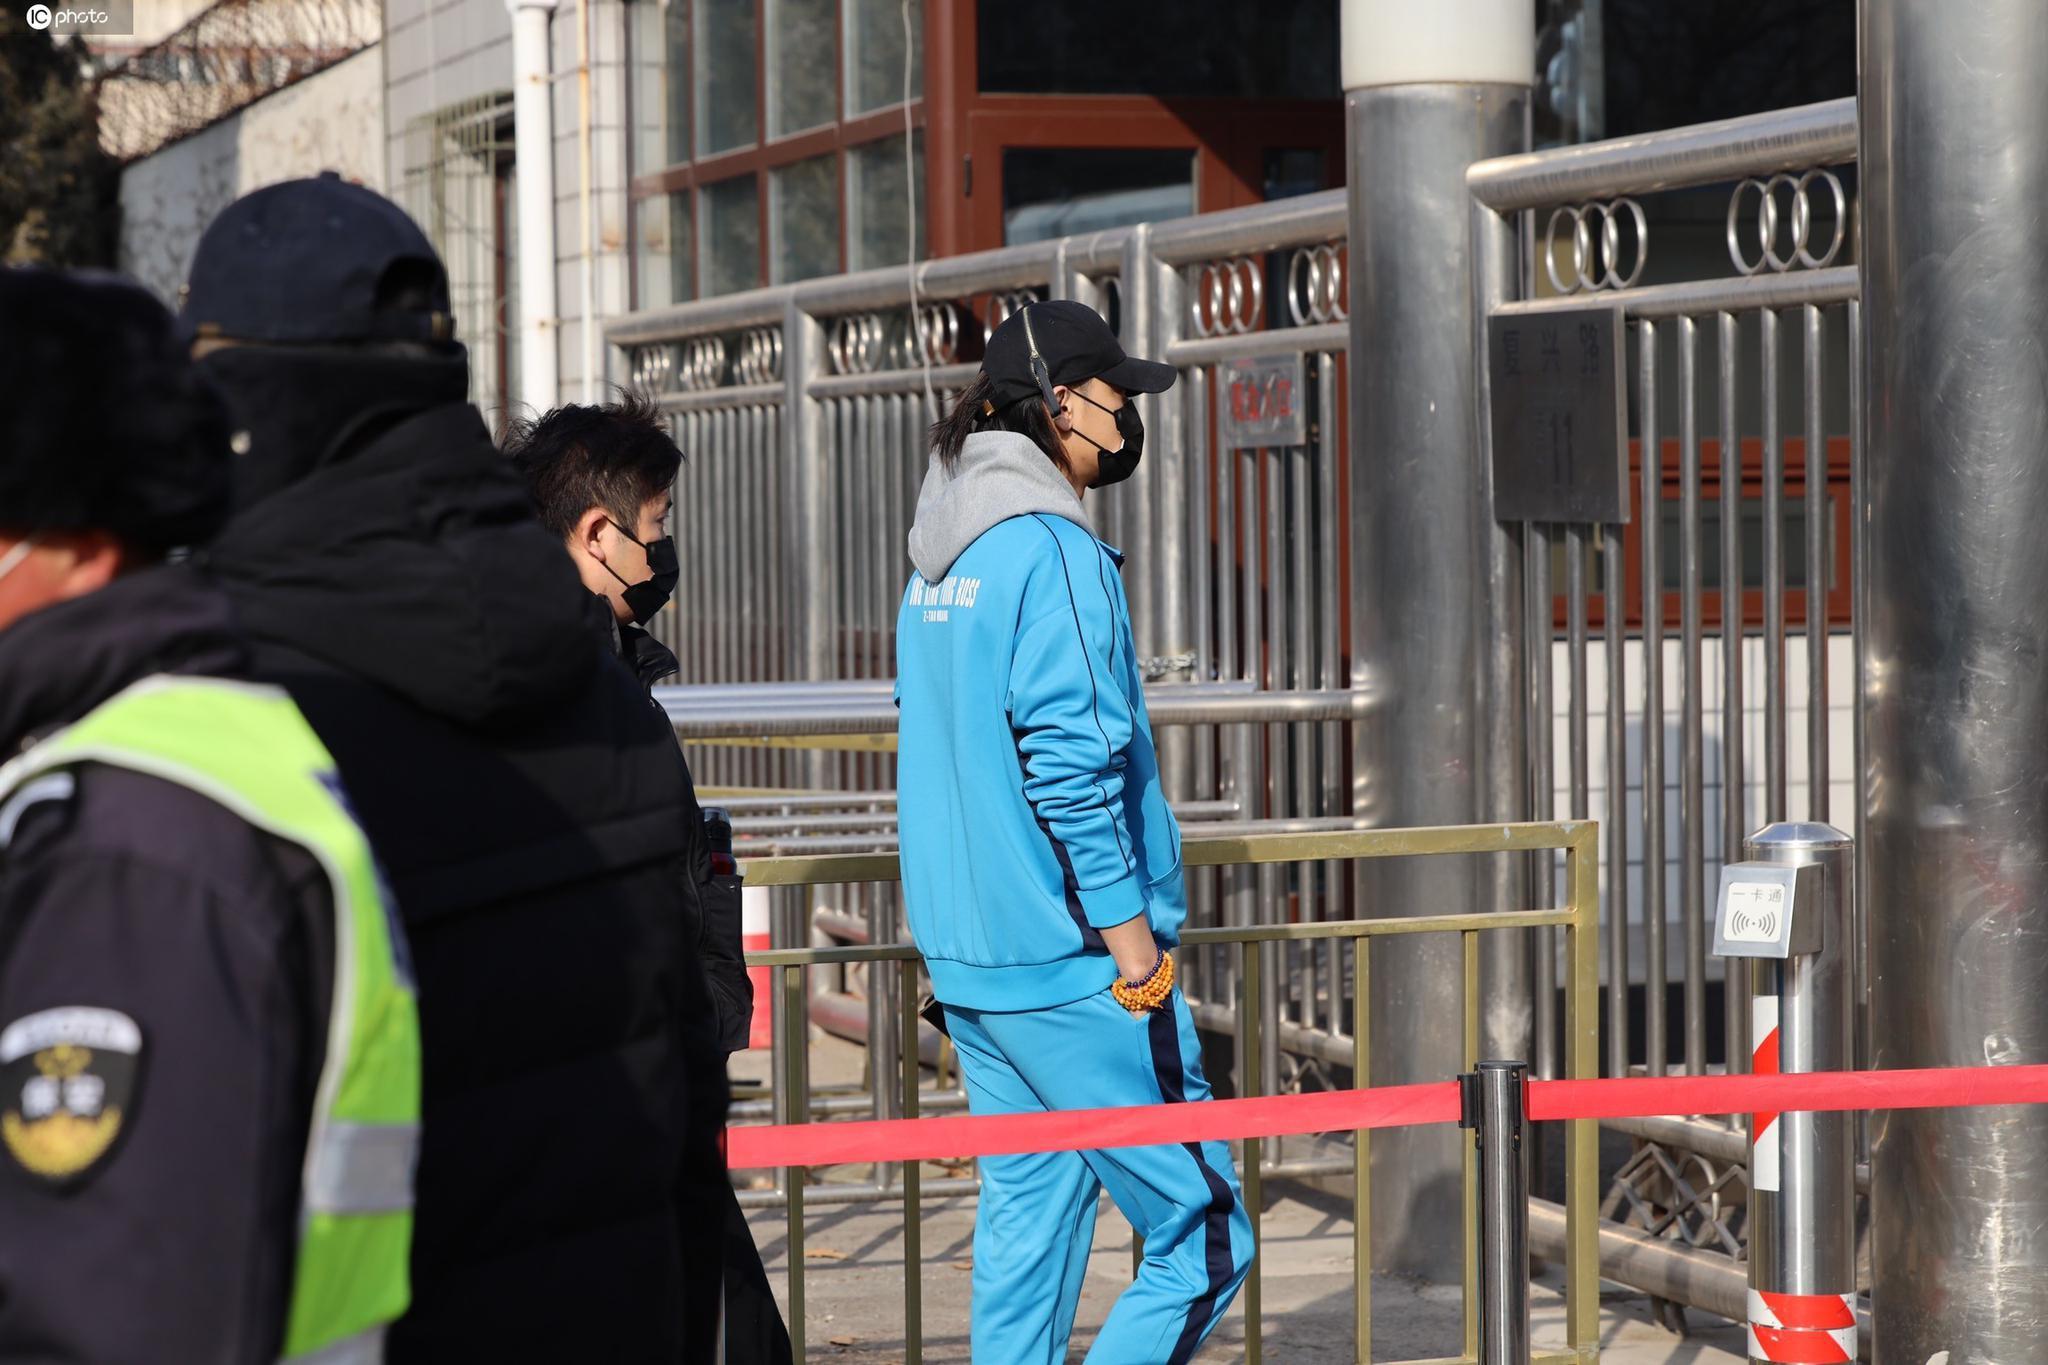 黄子韬穿一身蓝色运动服现身,头戴鸭舌帽,十足的休闲范儿